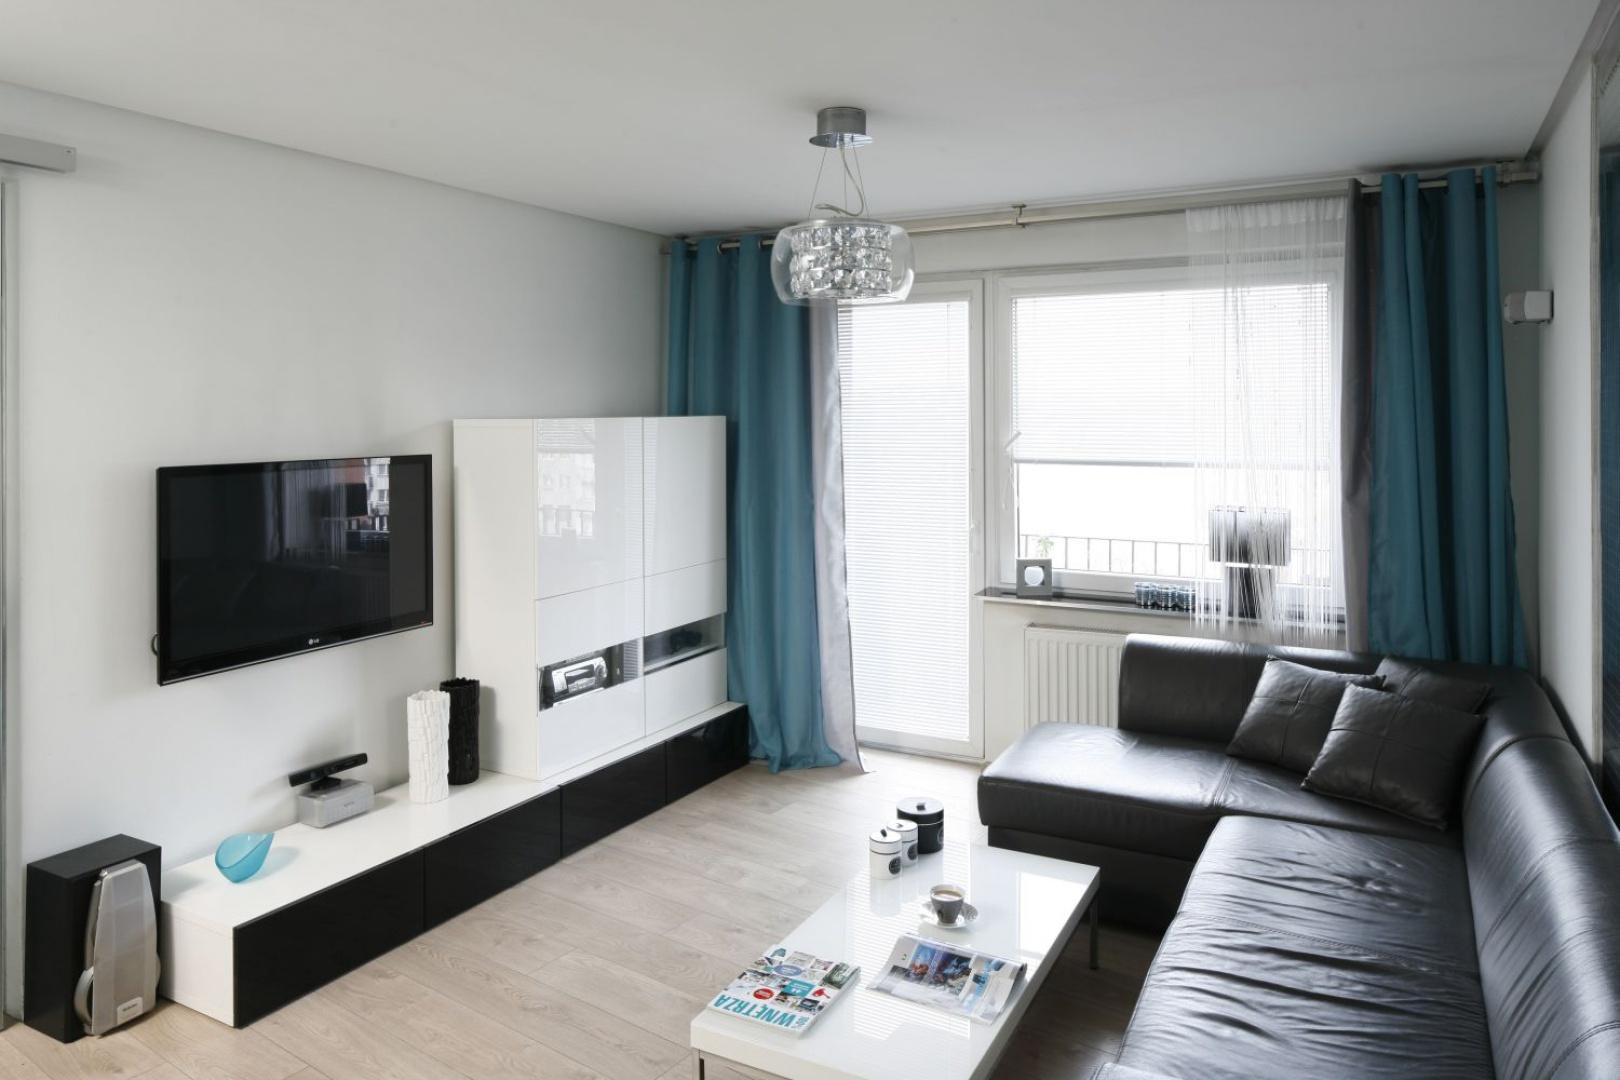 Małe mieszkanie w Warszawie ma jedynie 36 metrów kwadratowych powierzchni. Projekt: Marta Kilan. Fot. Bartosz Jarosz.